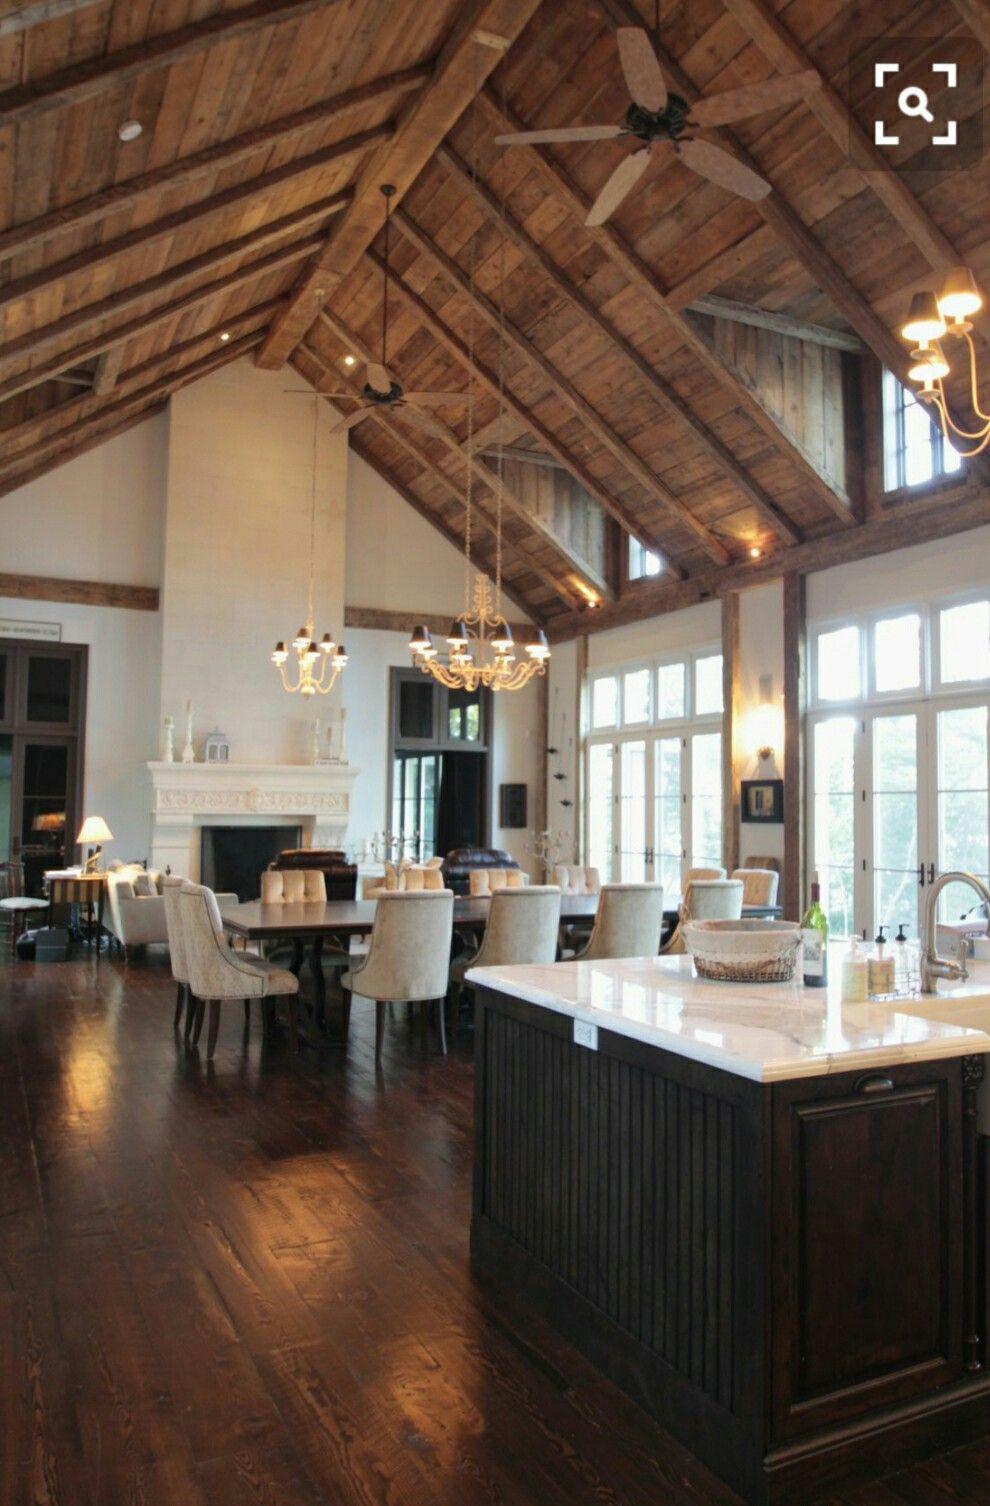 Dachboden über küchenideen transom windows  usa culisanta  pinterest  haus scheune und haus